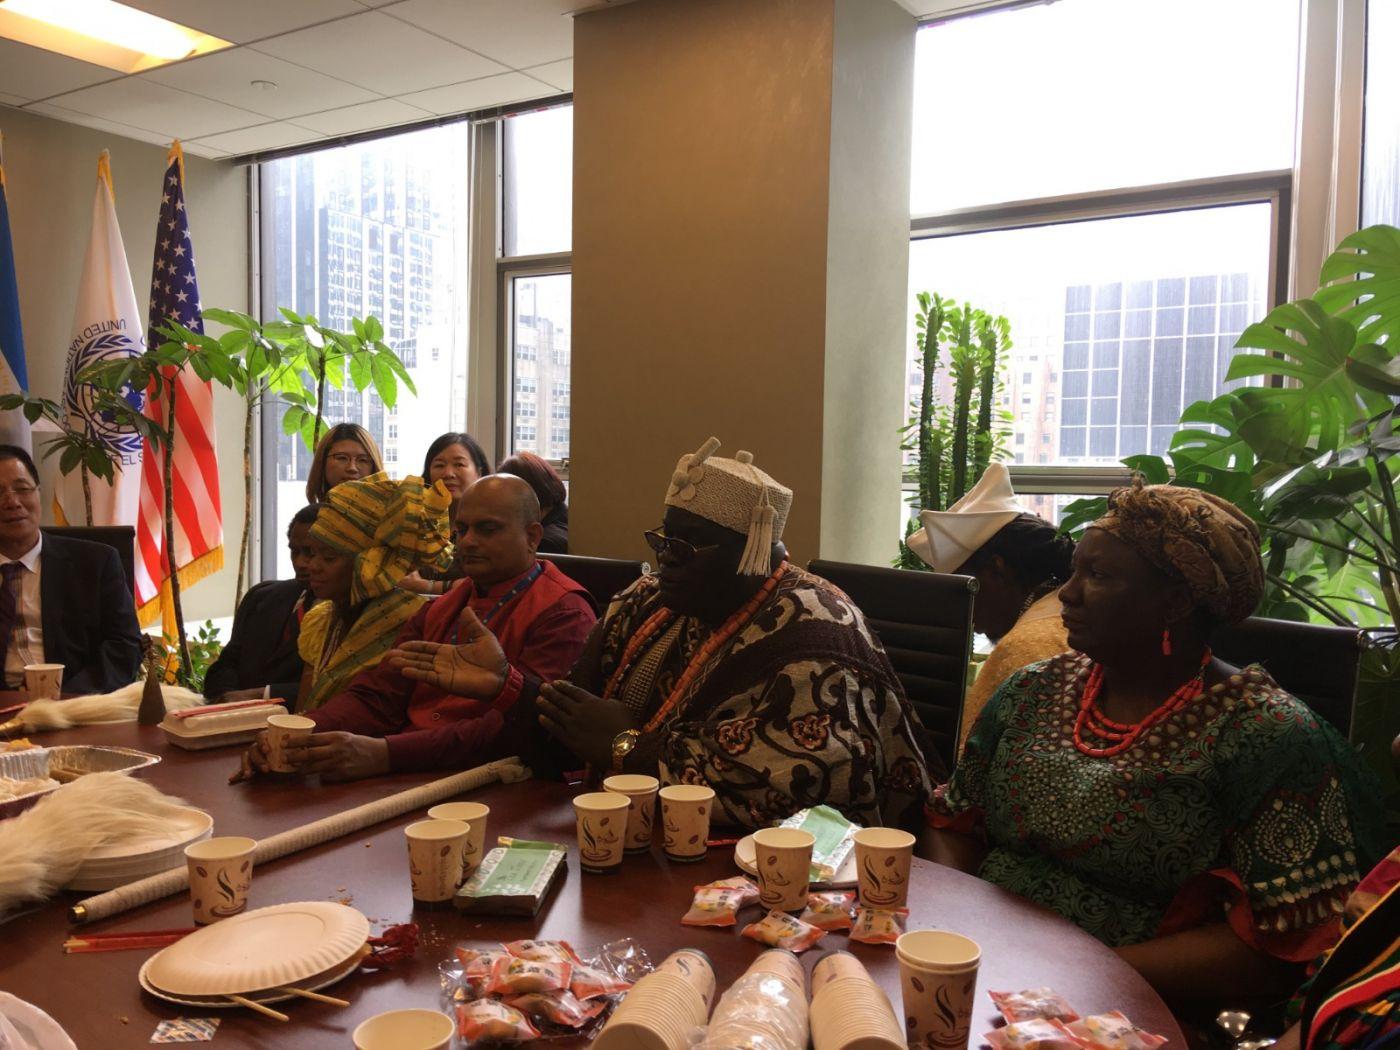 聯合國中華媽祖文化發展基金會受邀参加聯合國納尔遜.曼德拉国际日的一系列活动 ..._图1-15